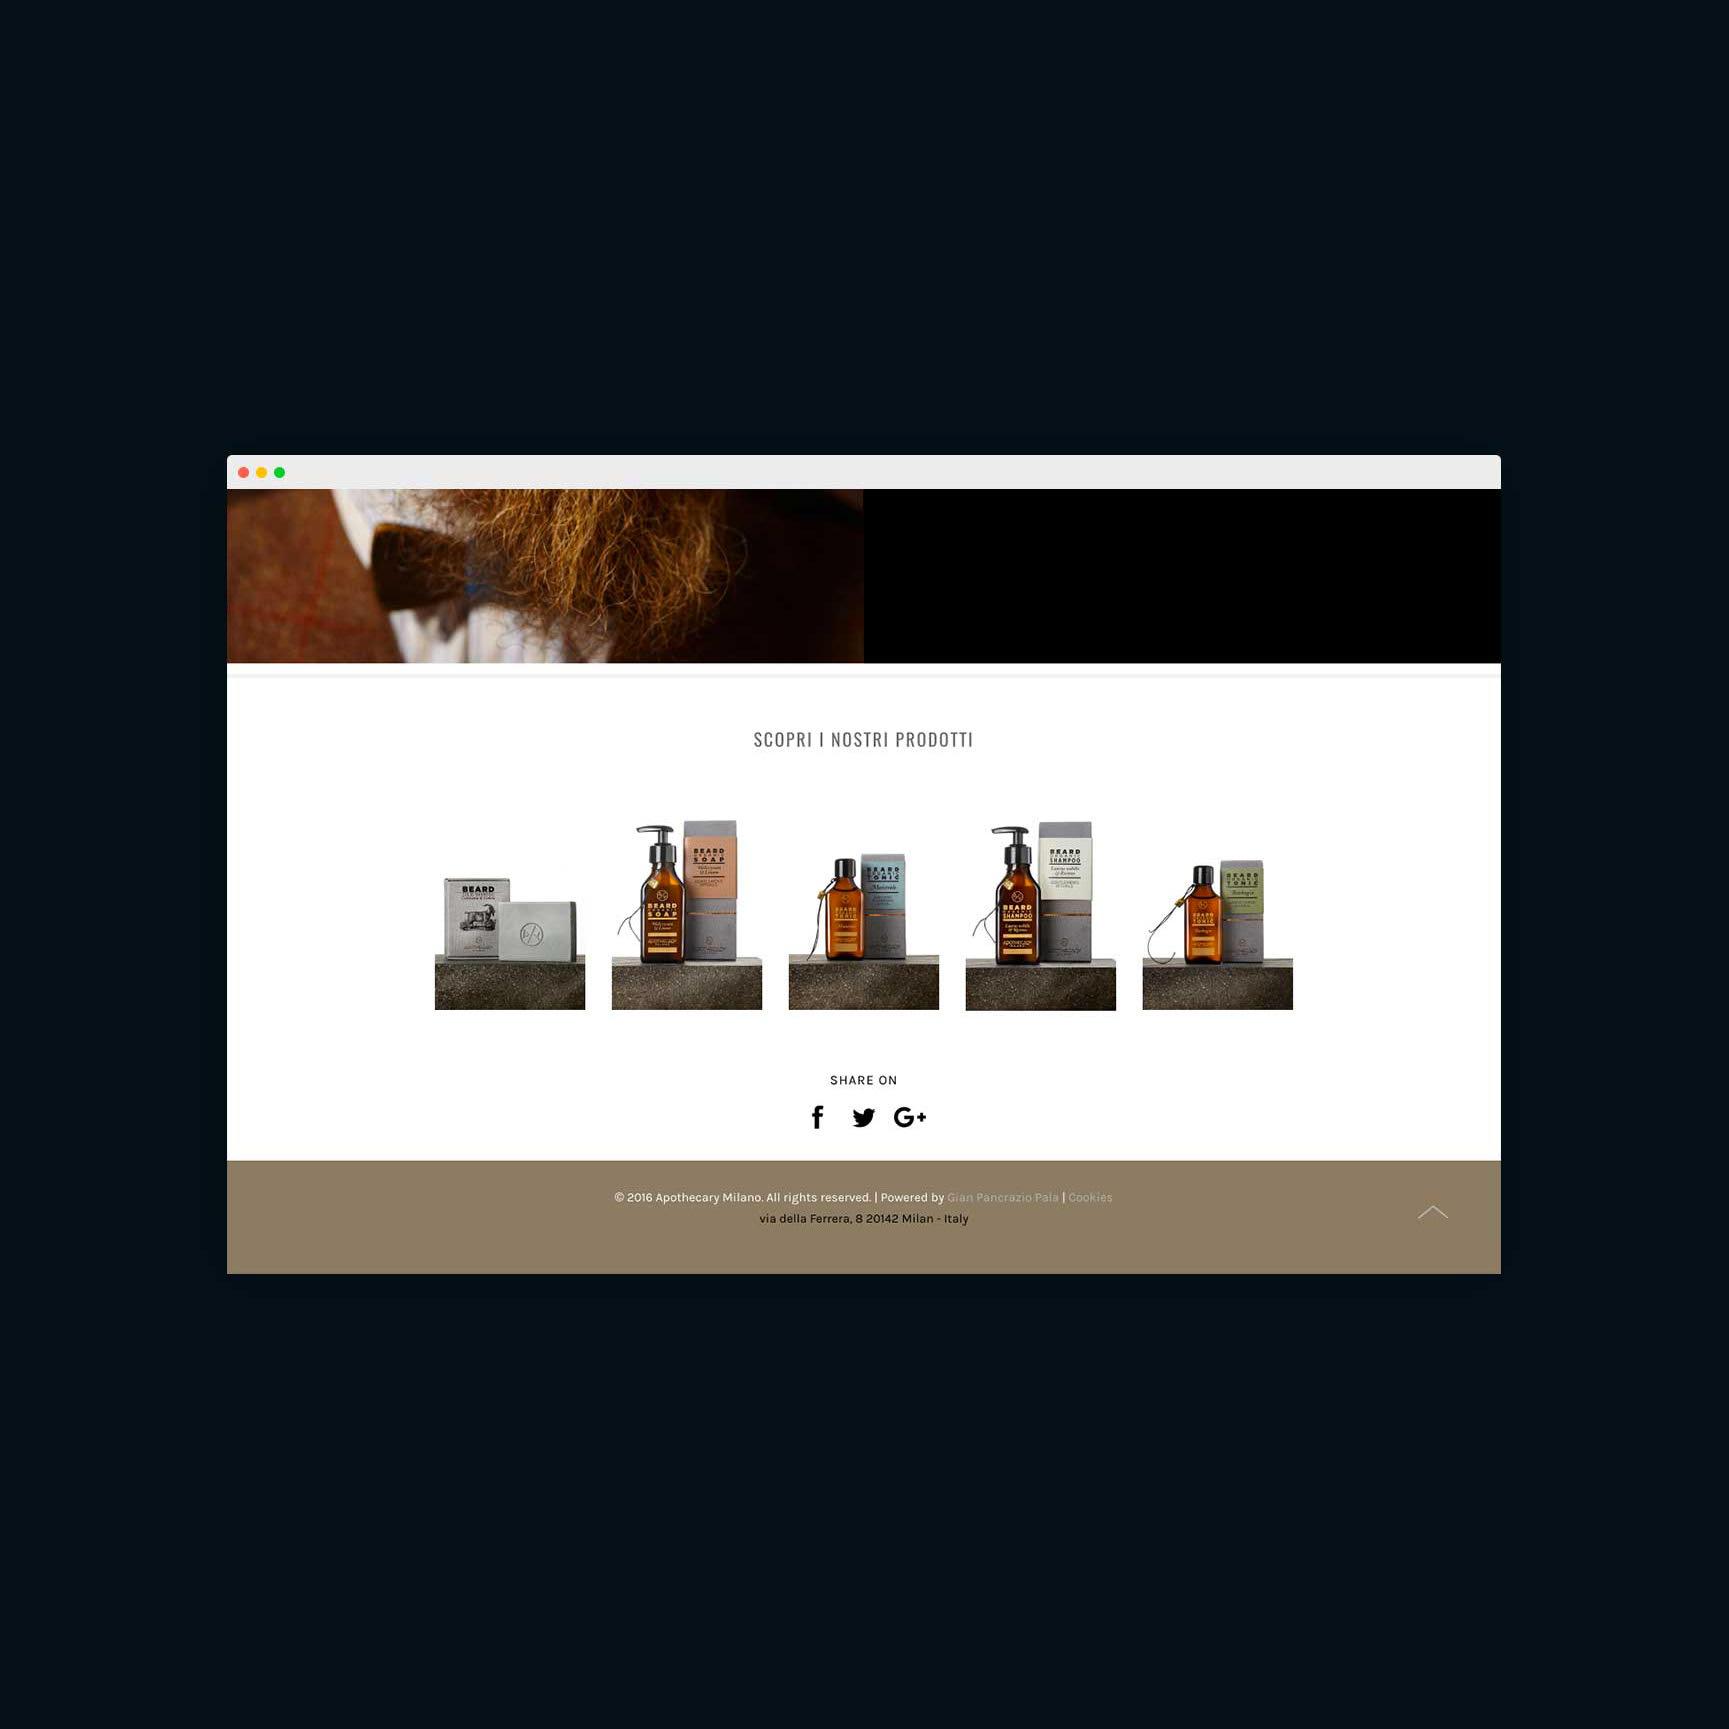 gian_pancrazio_pala_apothecary_milano_website_Graphi_design_milano_6